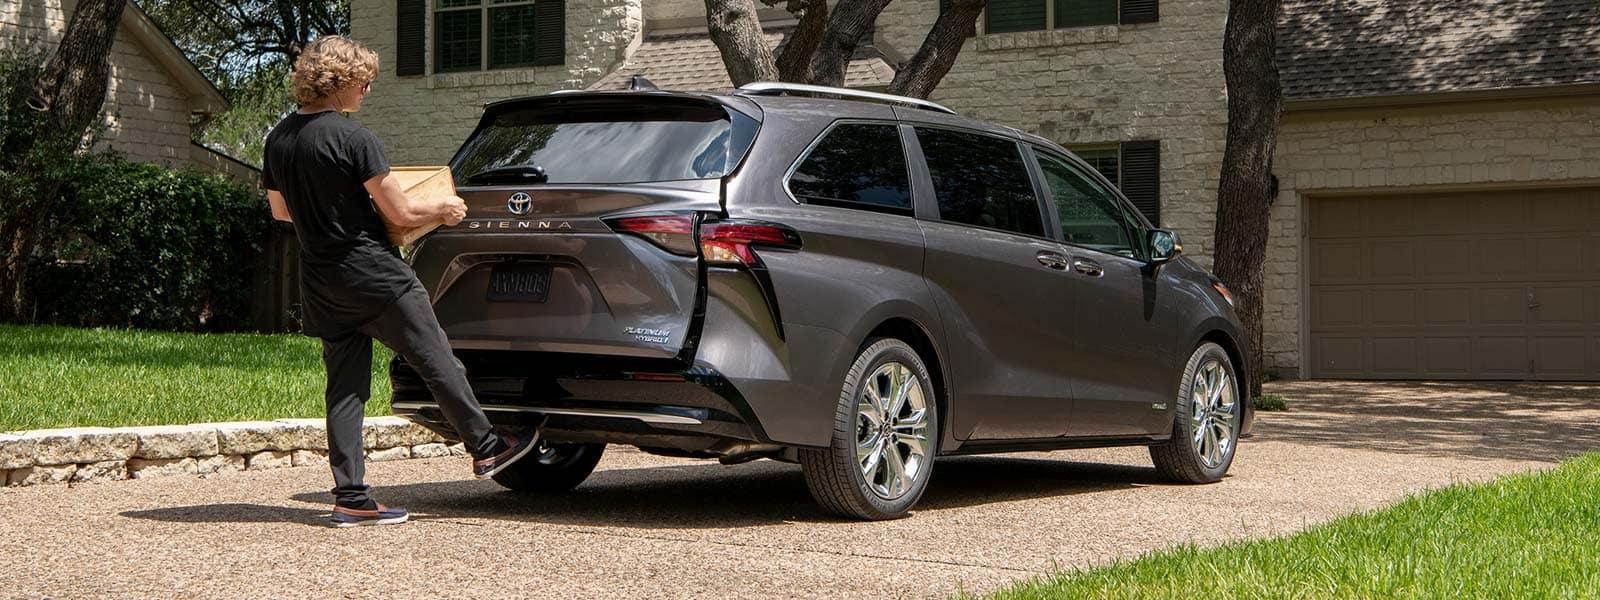 Test drive Toyota Sienna in Stanleytown, VA